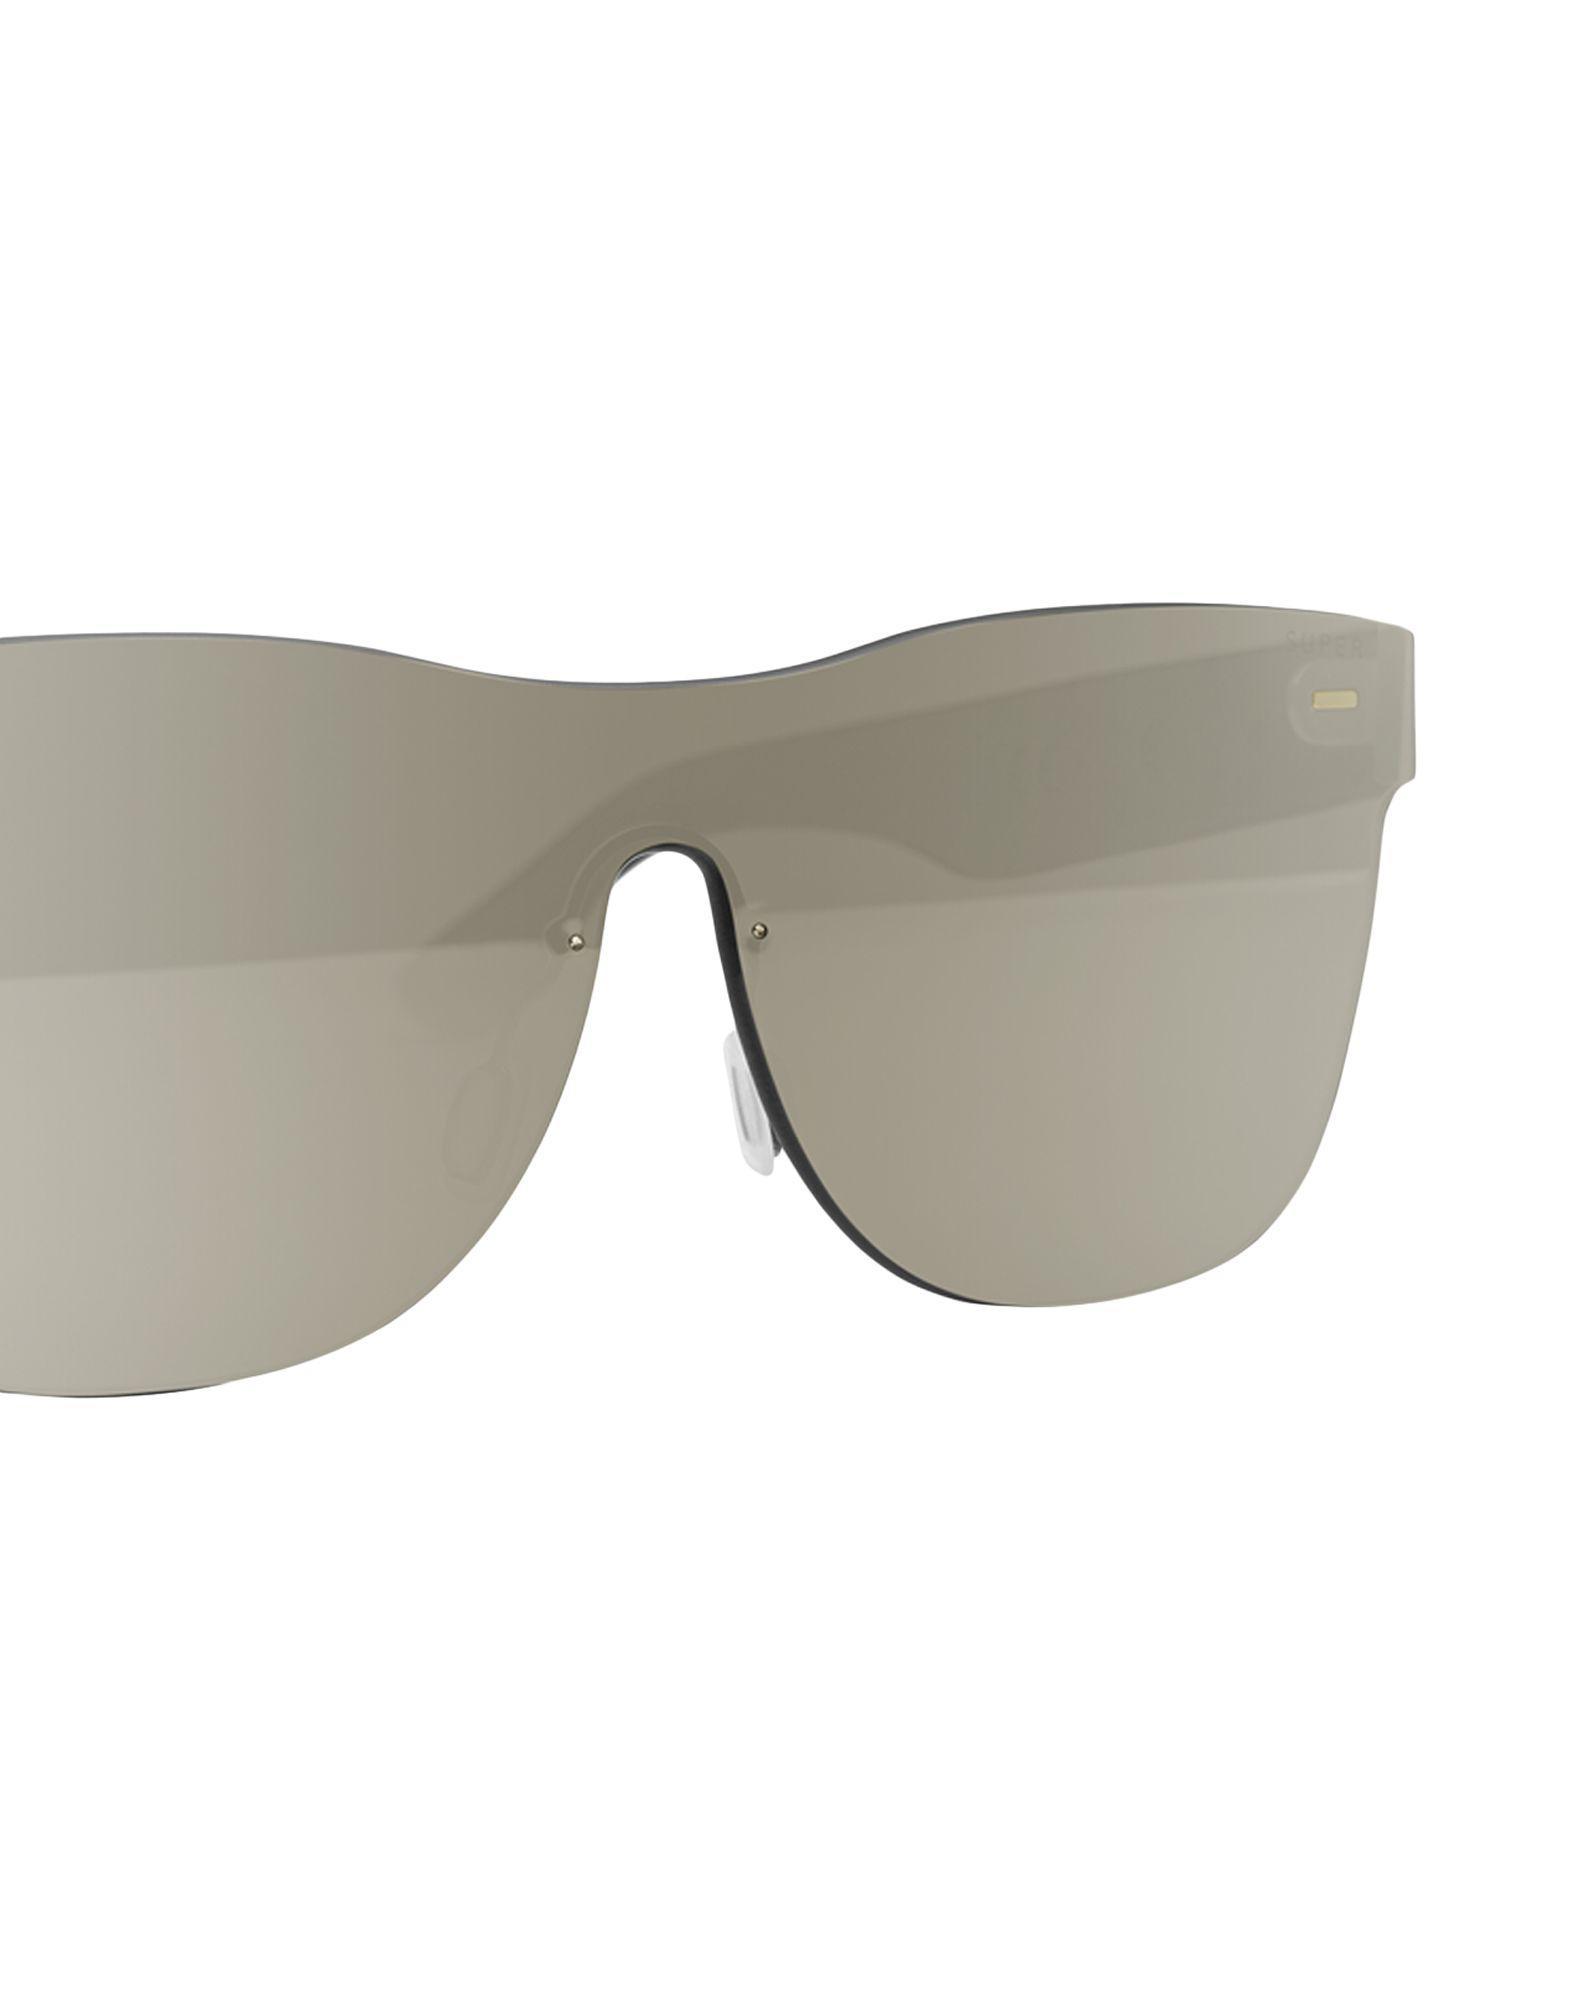 f8725fc6a2ca Lyst - Retrosuperfuture Sunglasses in White for Men